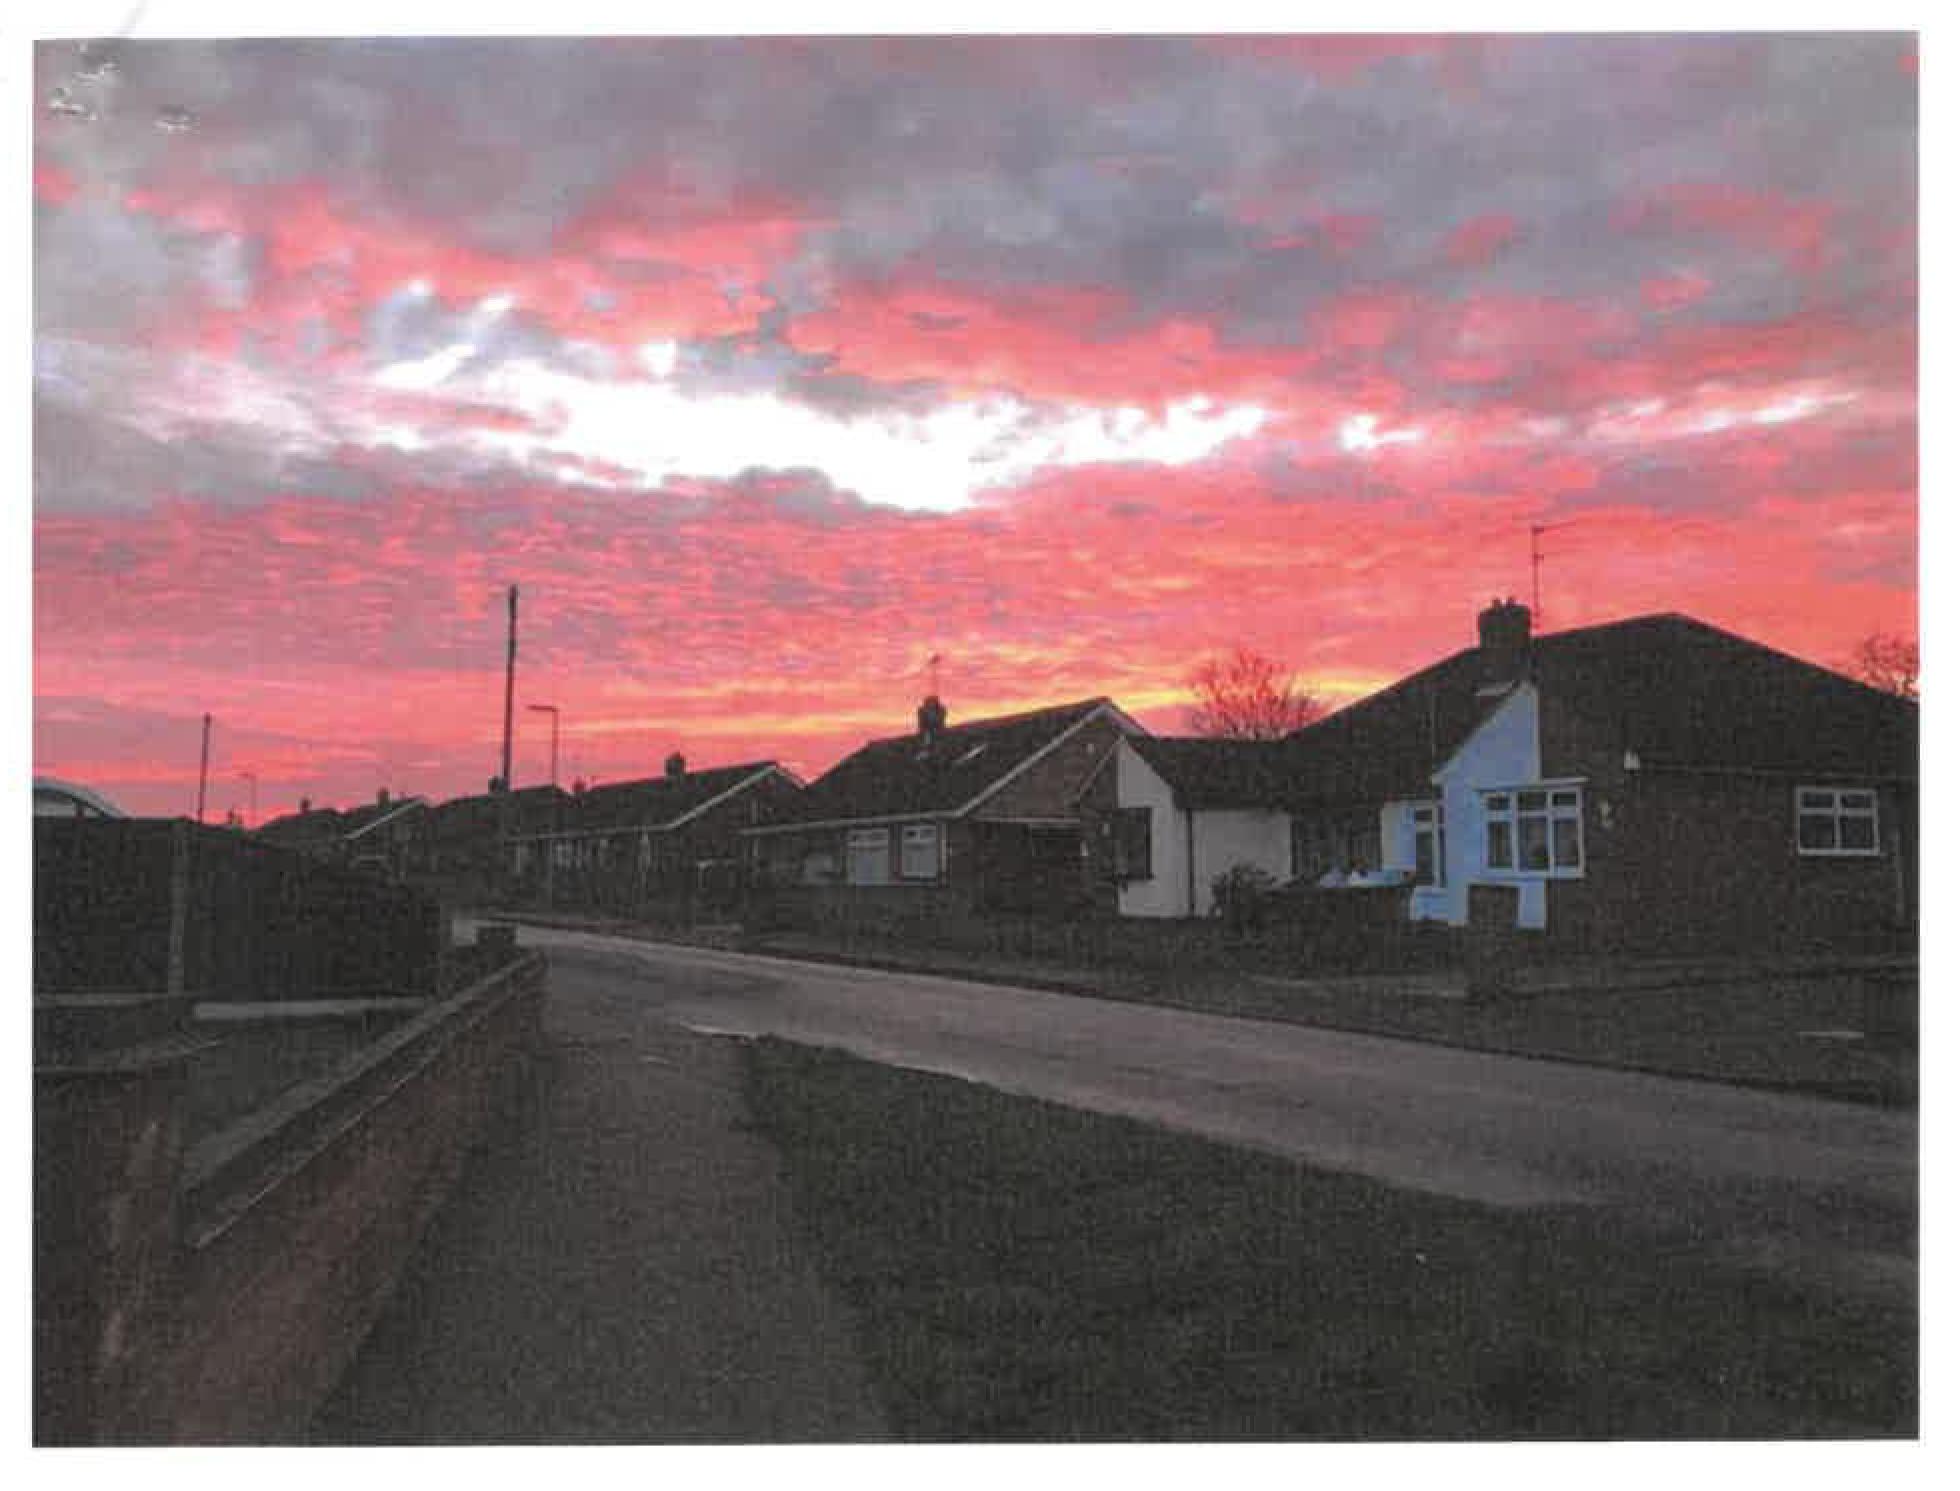 photograph of a neighbourhood at sunset